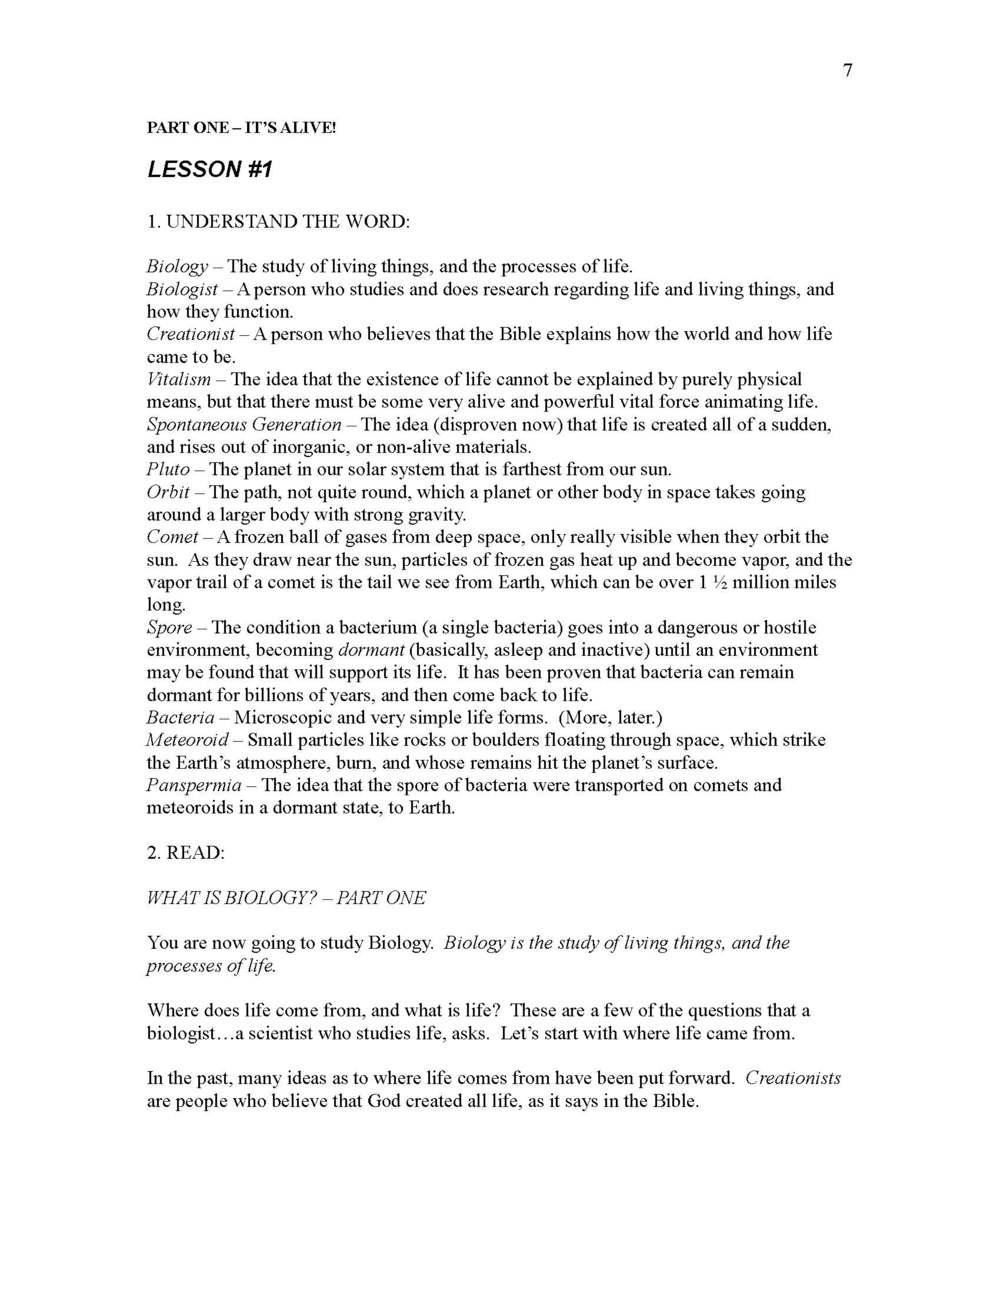 Step 4 Science 6 Biology_Page_008.jpg